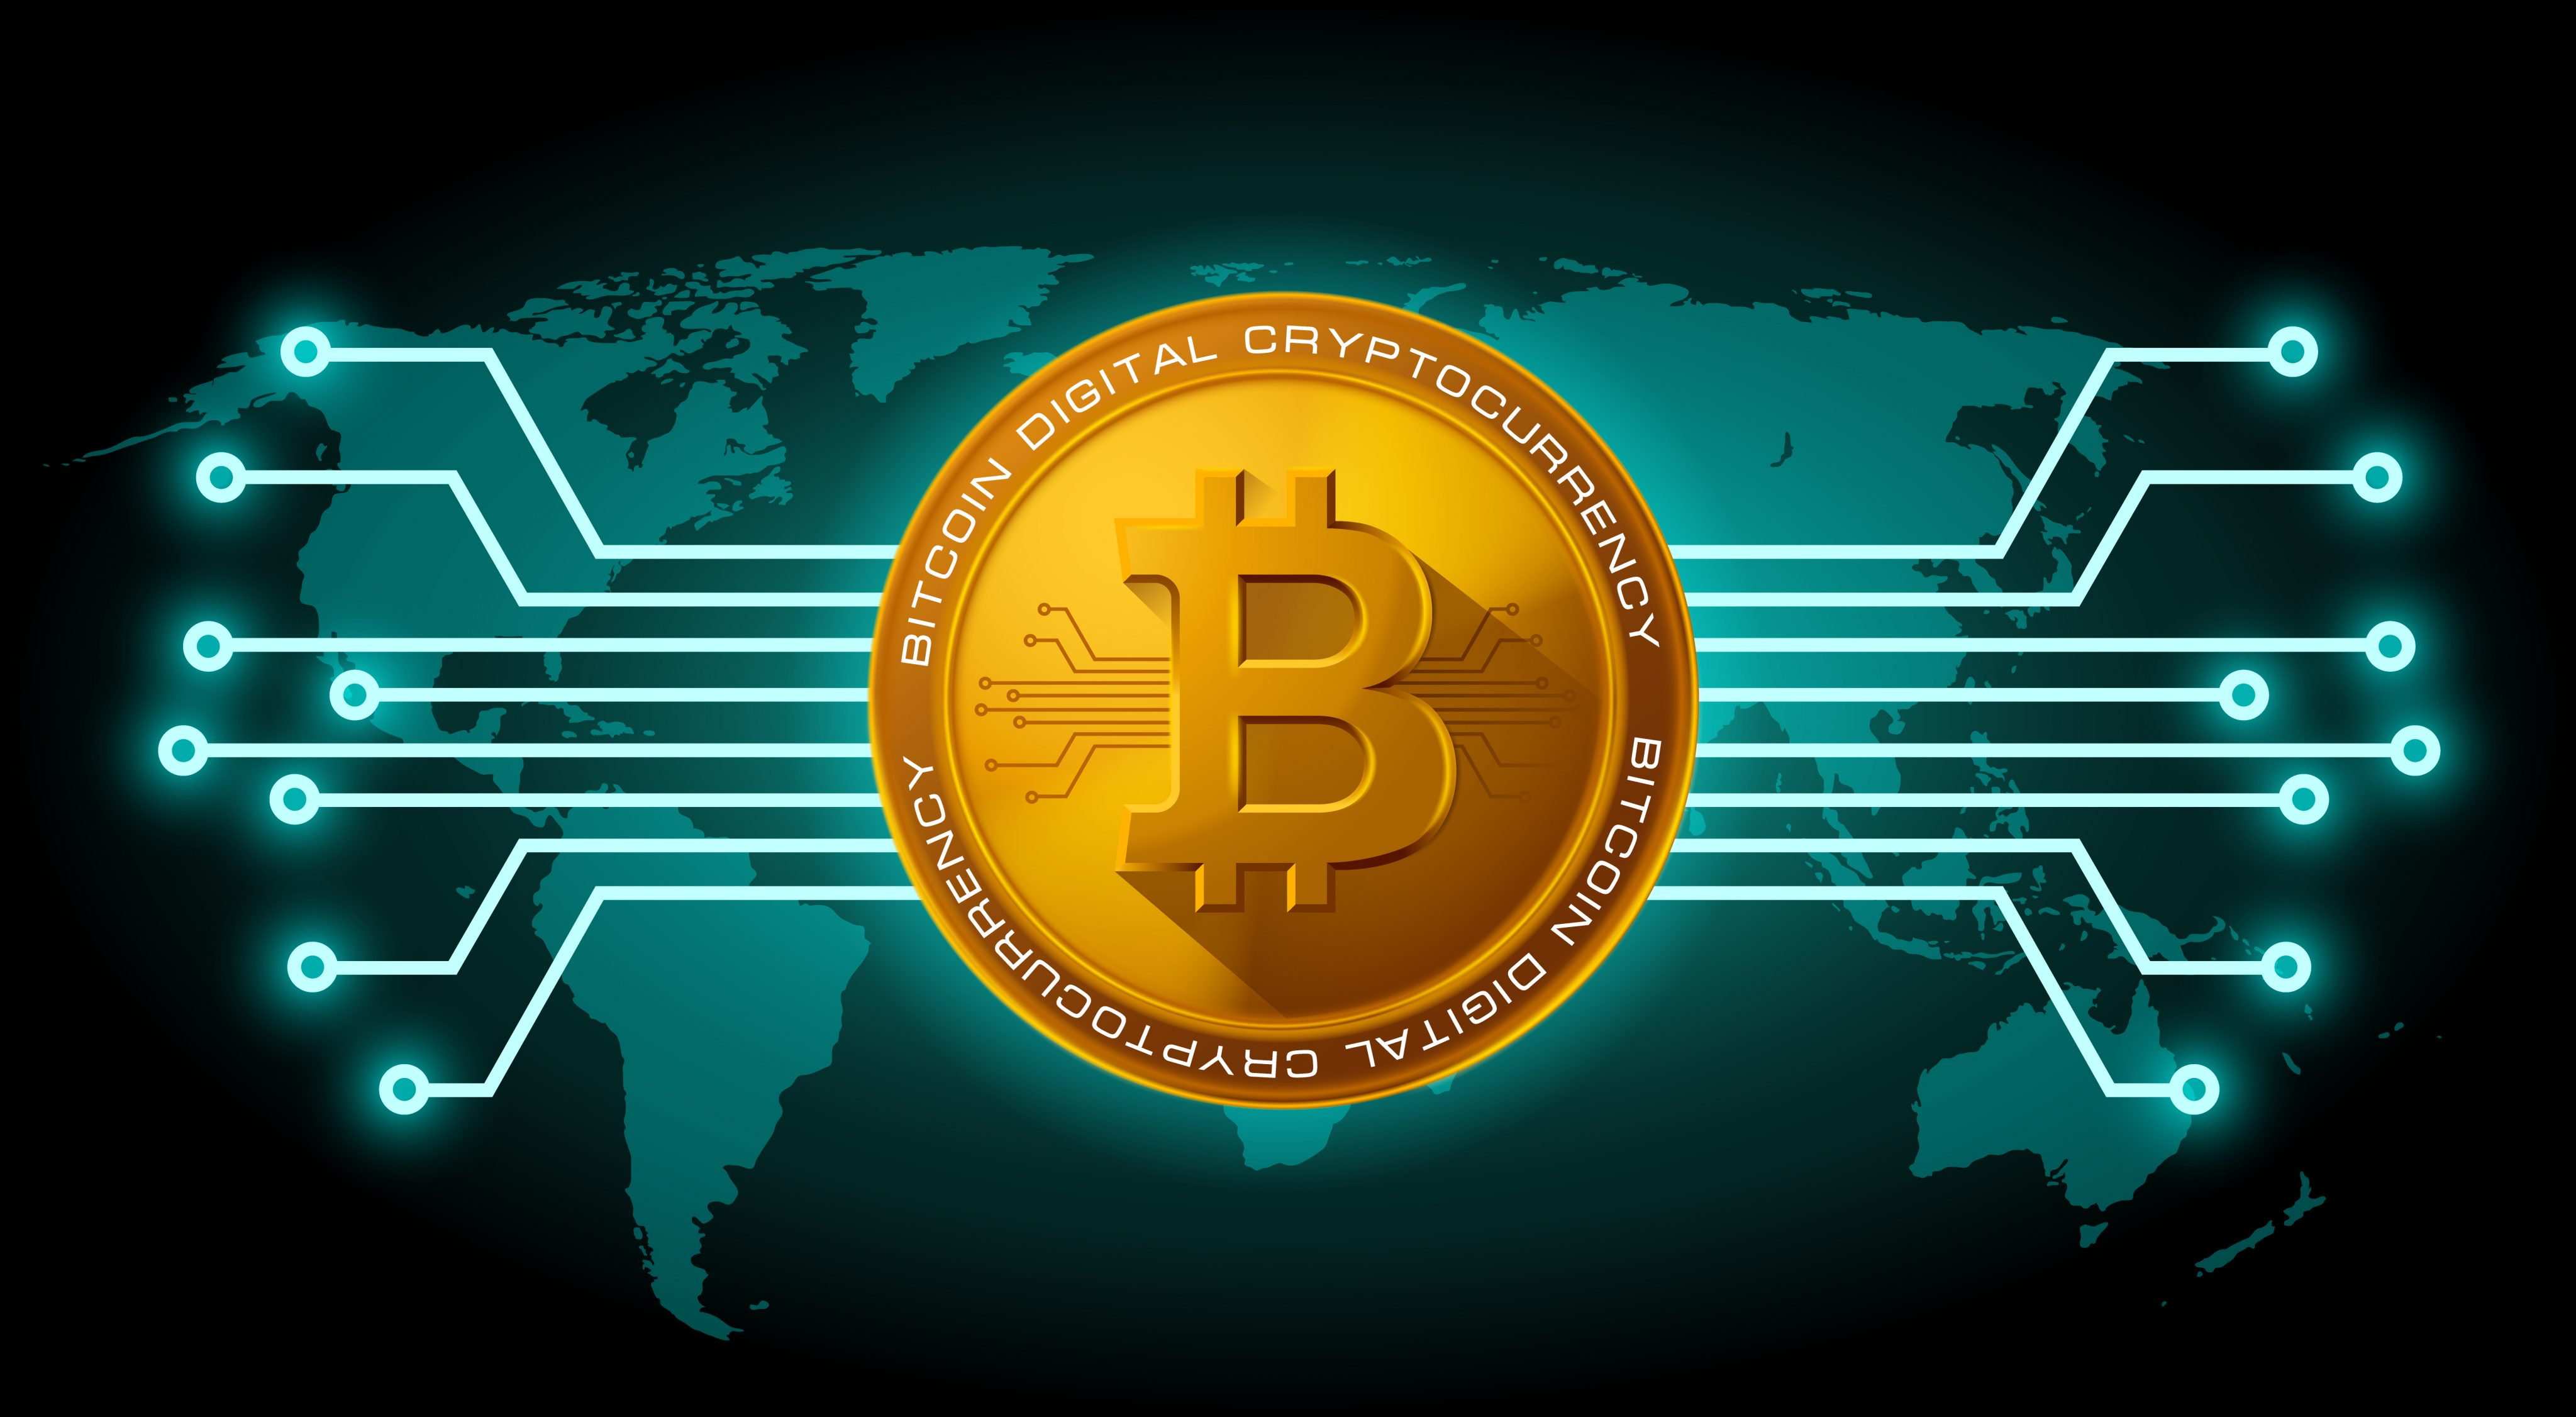 Реализуем свой Bitcoin на языке программирования Python